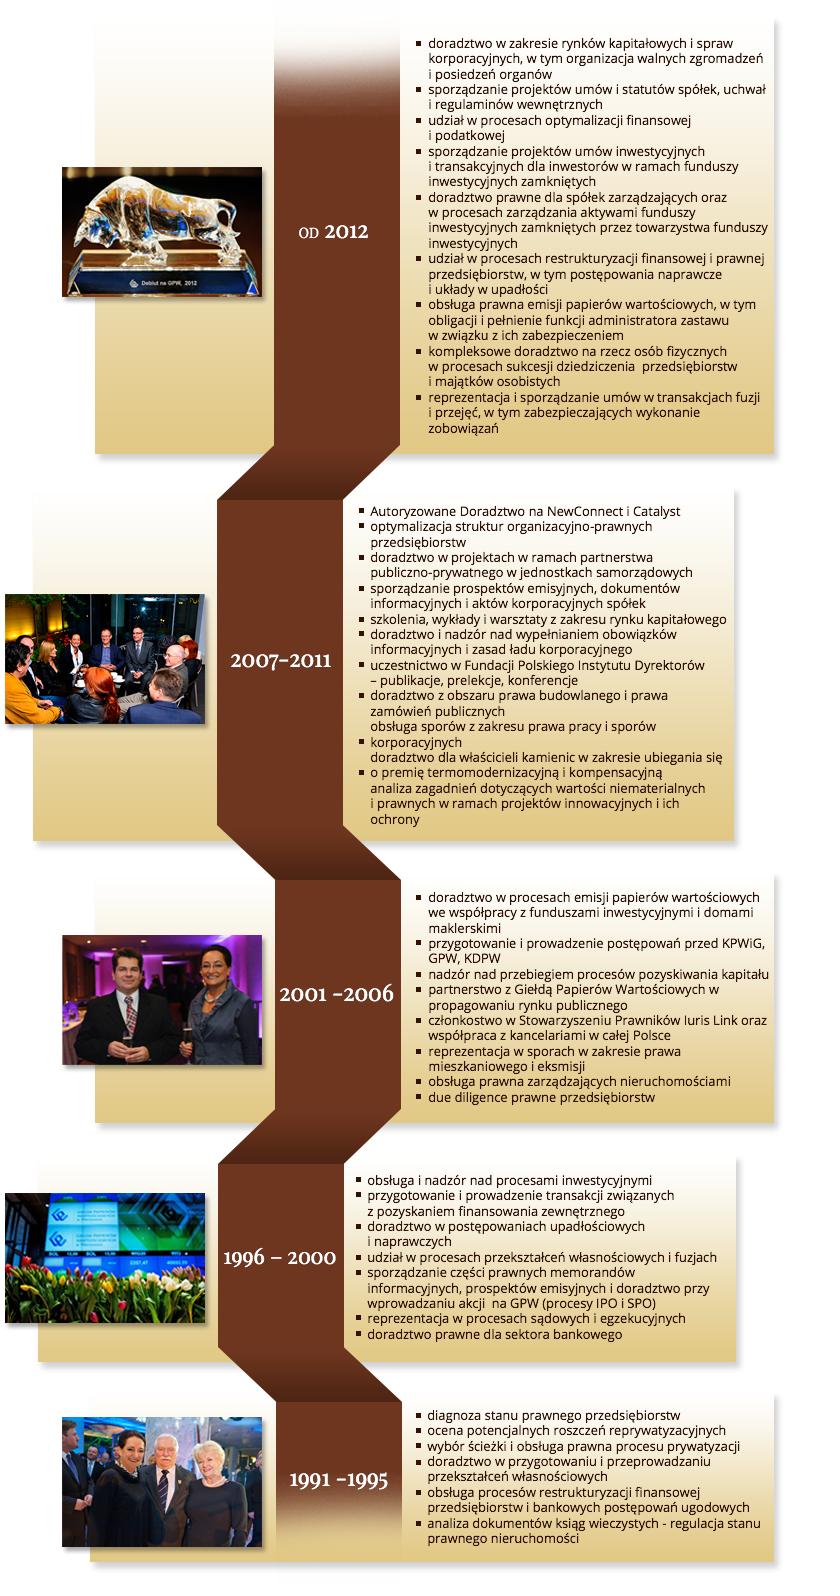 timeline-csw_2014